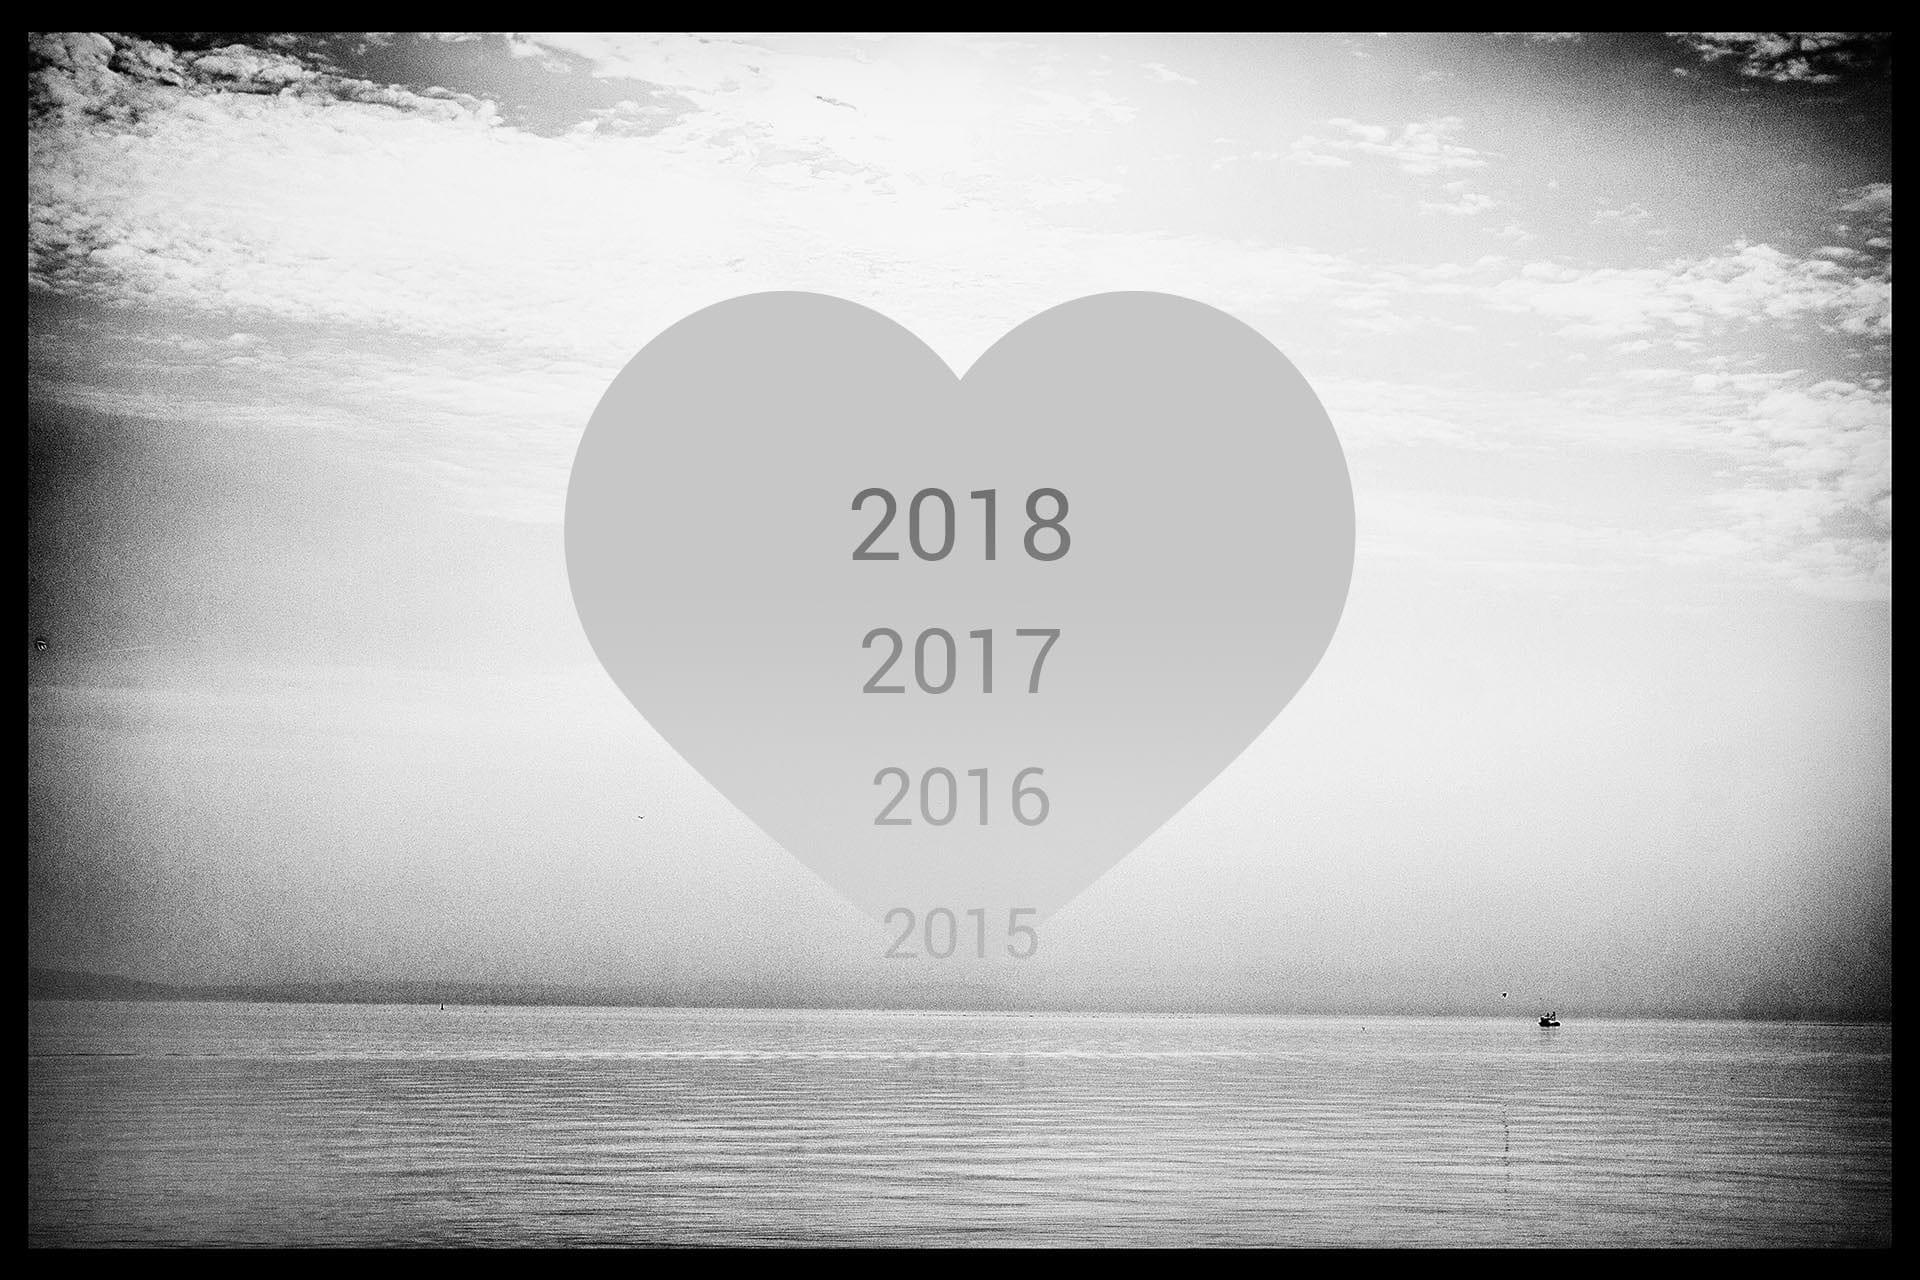 Digitalni Marketing: Putovanje Staro 3 Godine (2016./2017./2018.)